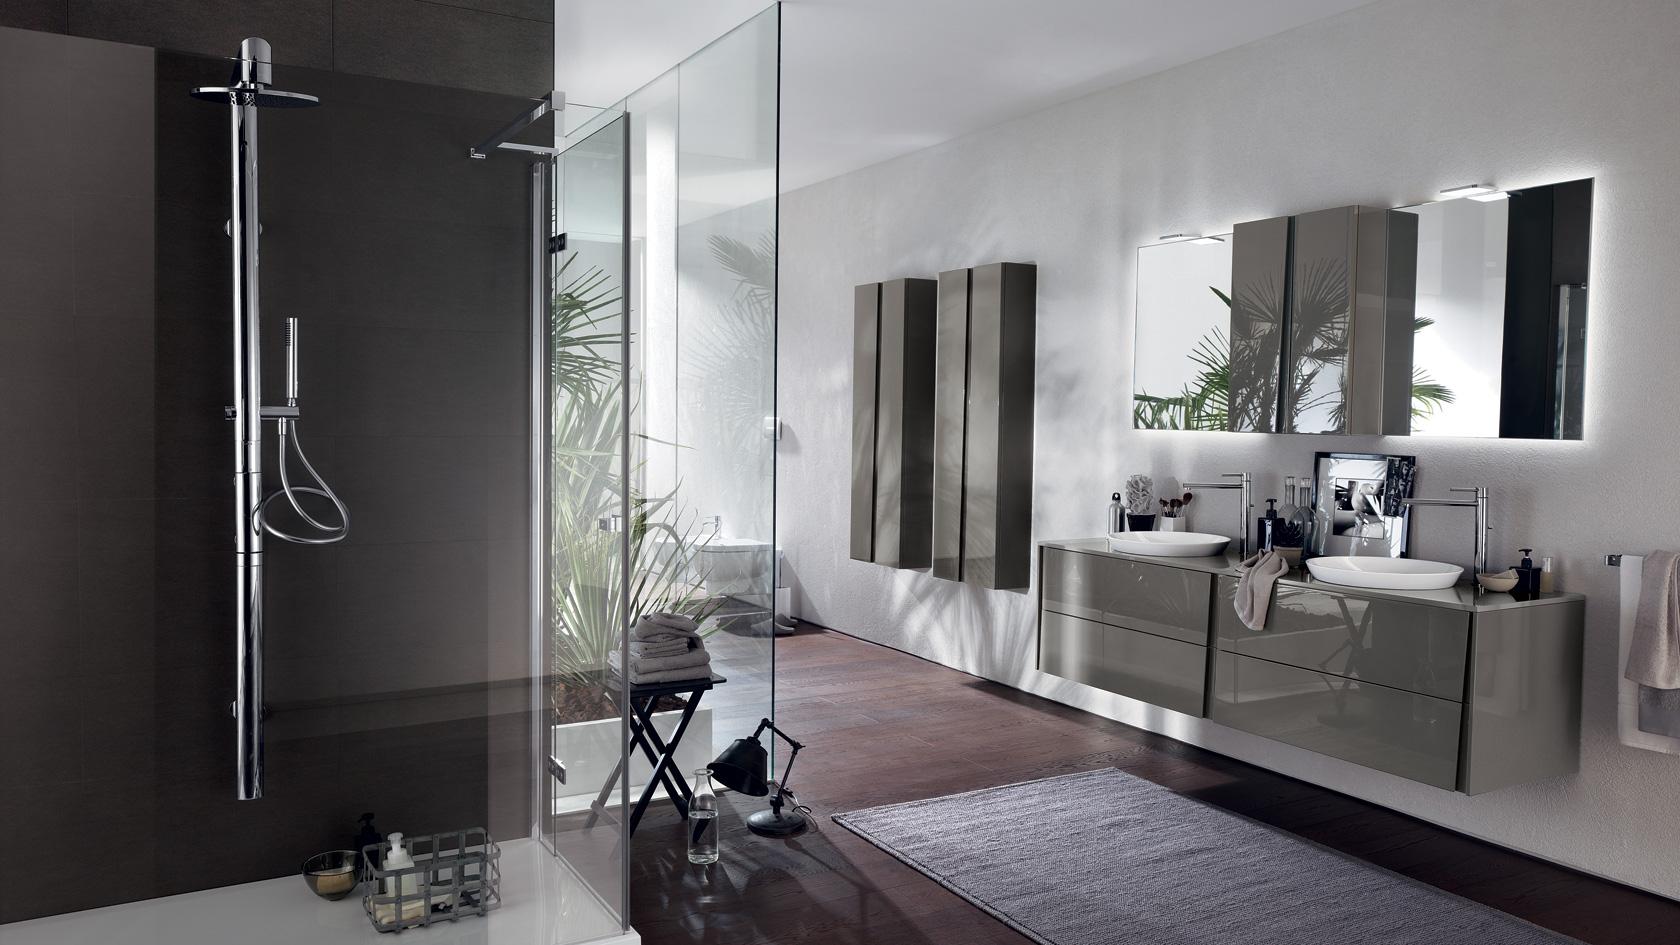 arredo bagno roma ciminelli casa funzionalit e design prodotti innovativi e tecnologici